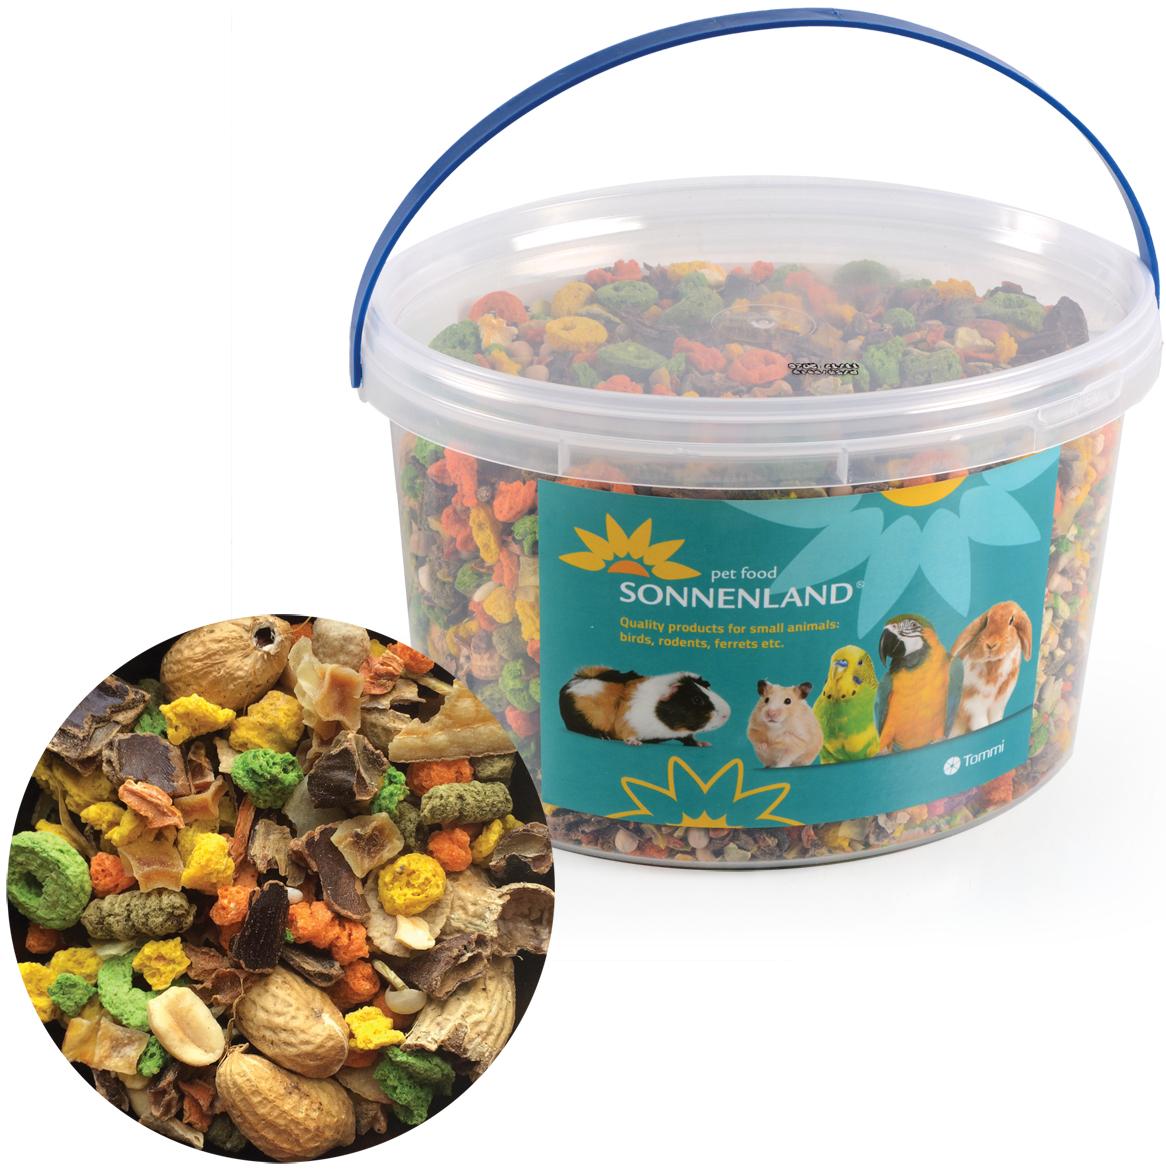 Sonnenland Nutty krmivo pro hlodavce, kbelík 1,11kg, 3l